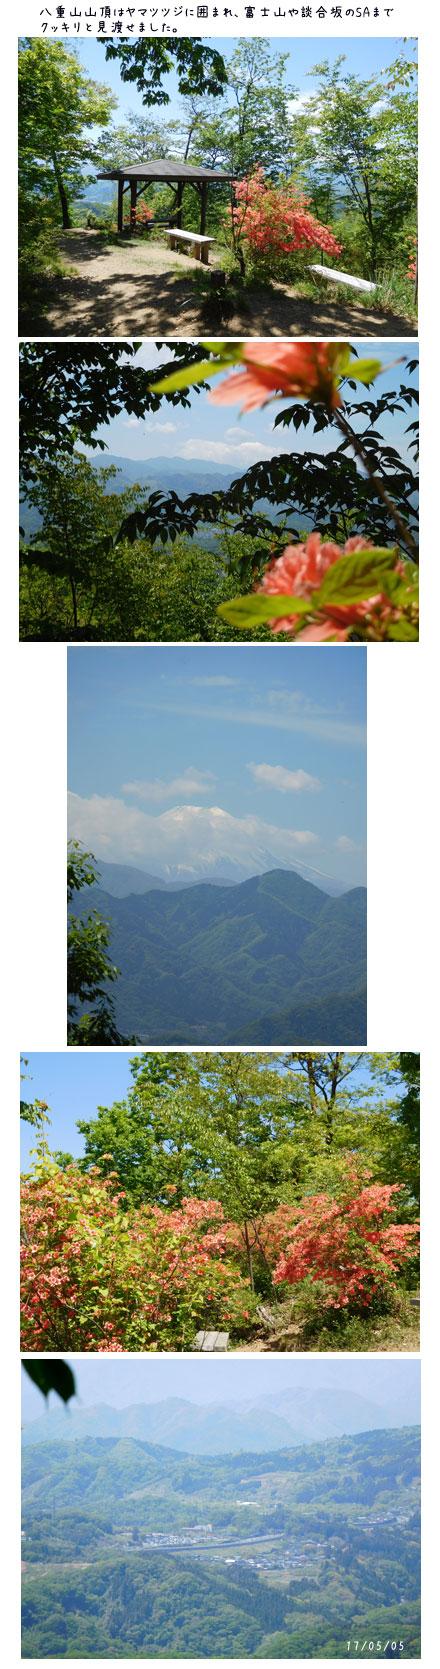 能山から八重山をハイキング_c0051105_1744422.jpg